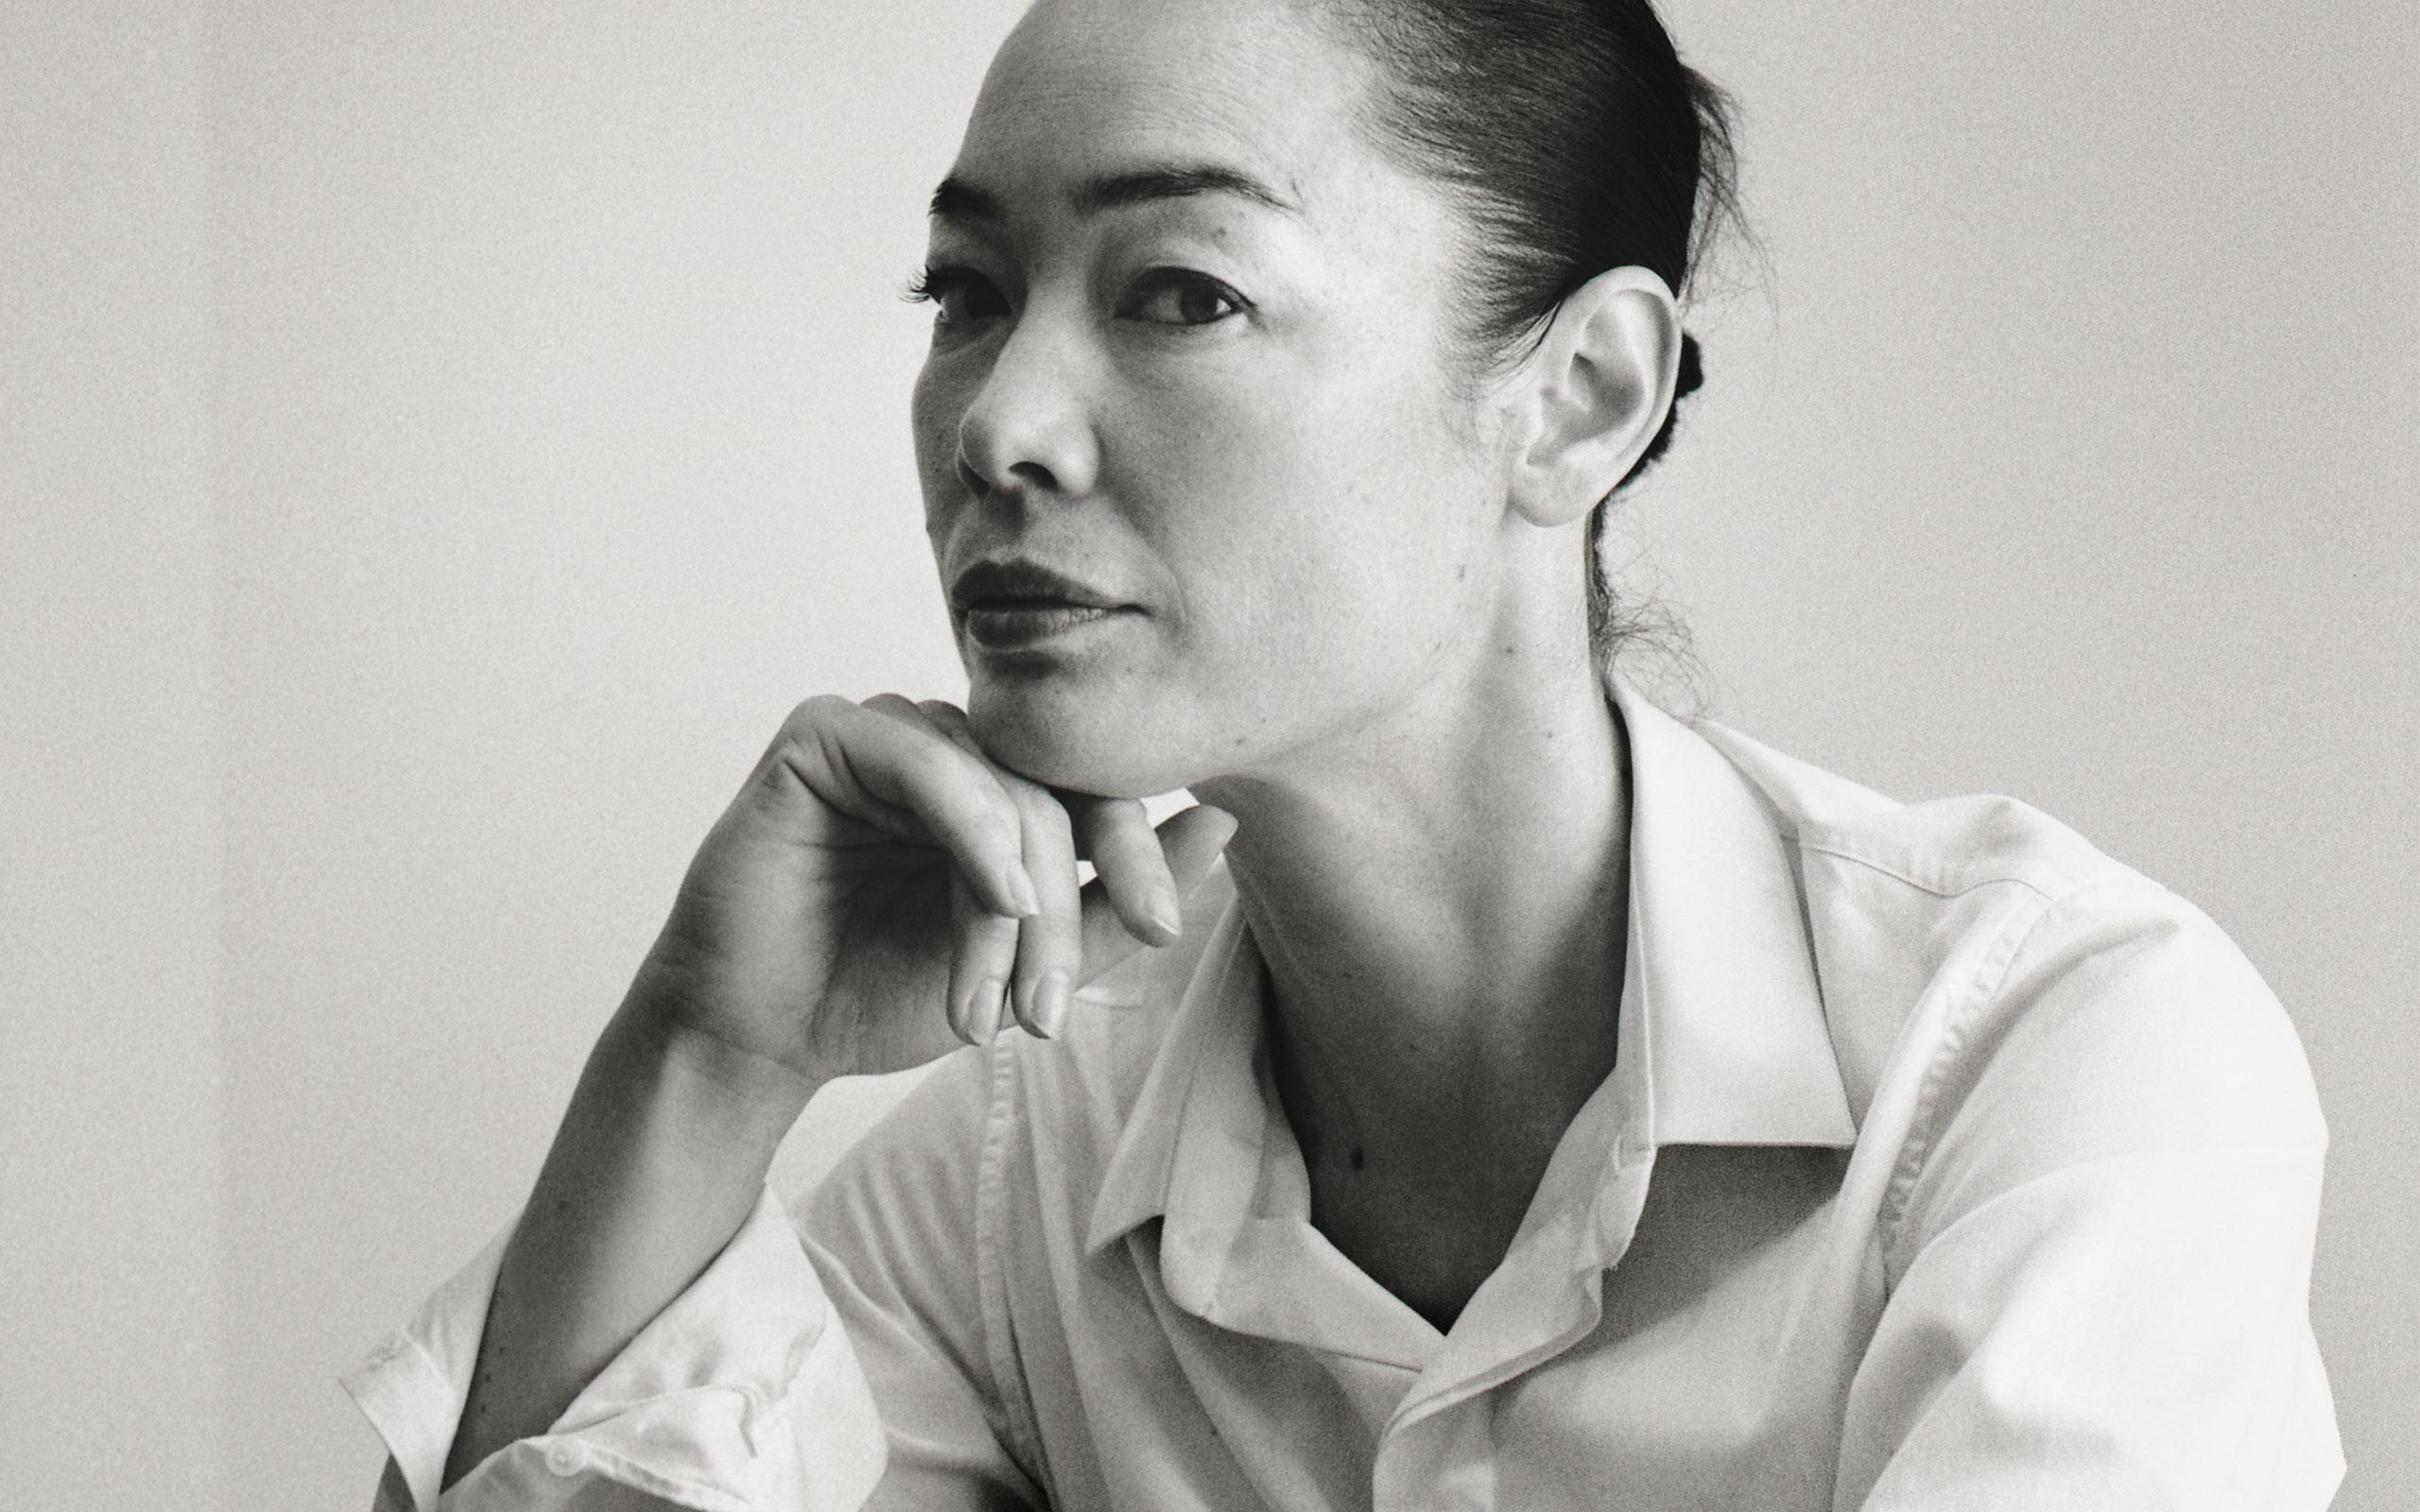 VISIONAIRE (ヴィジョネア) の創立者 Cecilia Dean (セシリア・ディーン) インタビュー